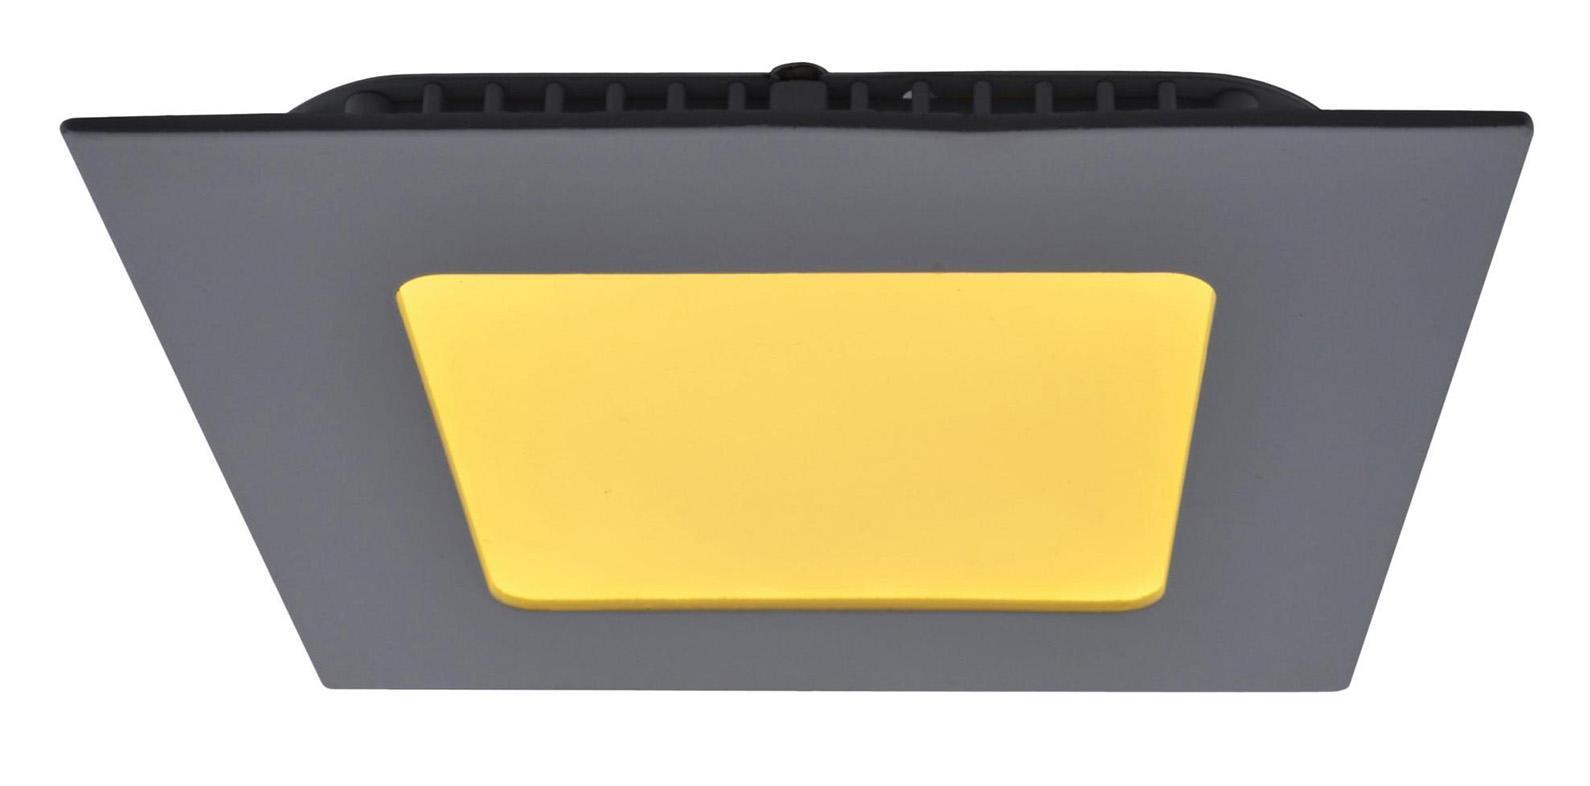 Светильник встраиваемый Arte lamp A2406pl-1wh arte lamp встраиваемый светодиодный светильник arte lamp cardani a1212pl 1wh